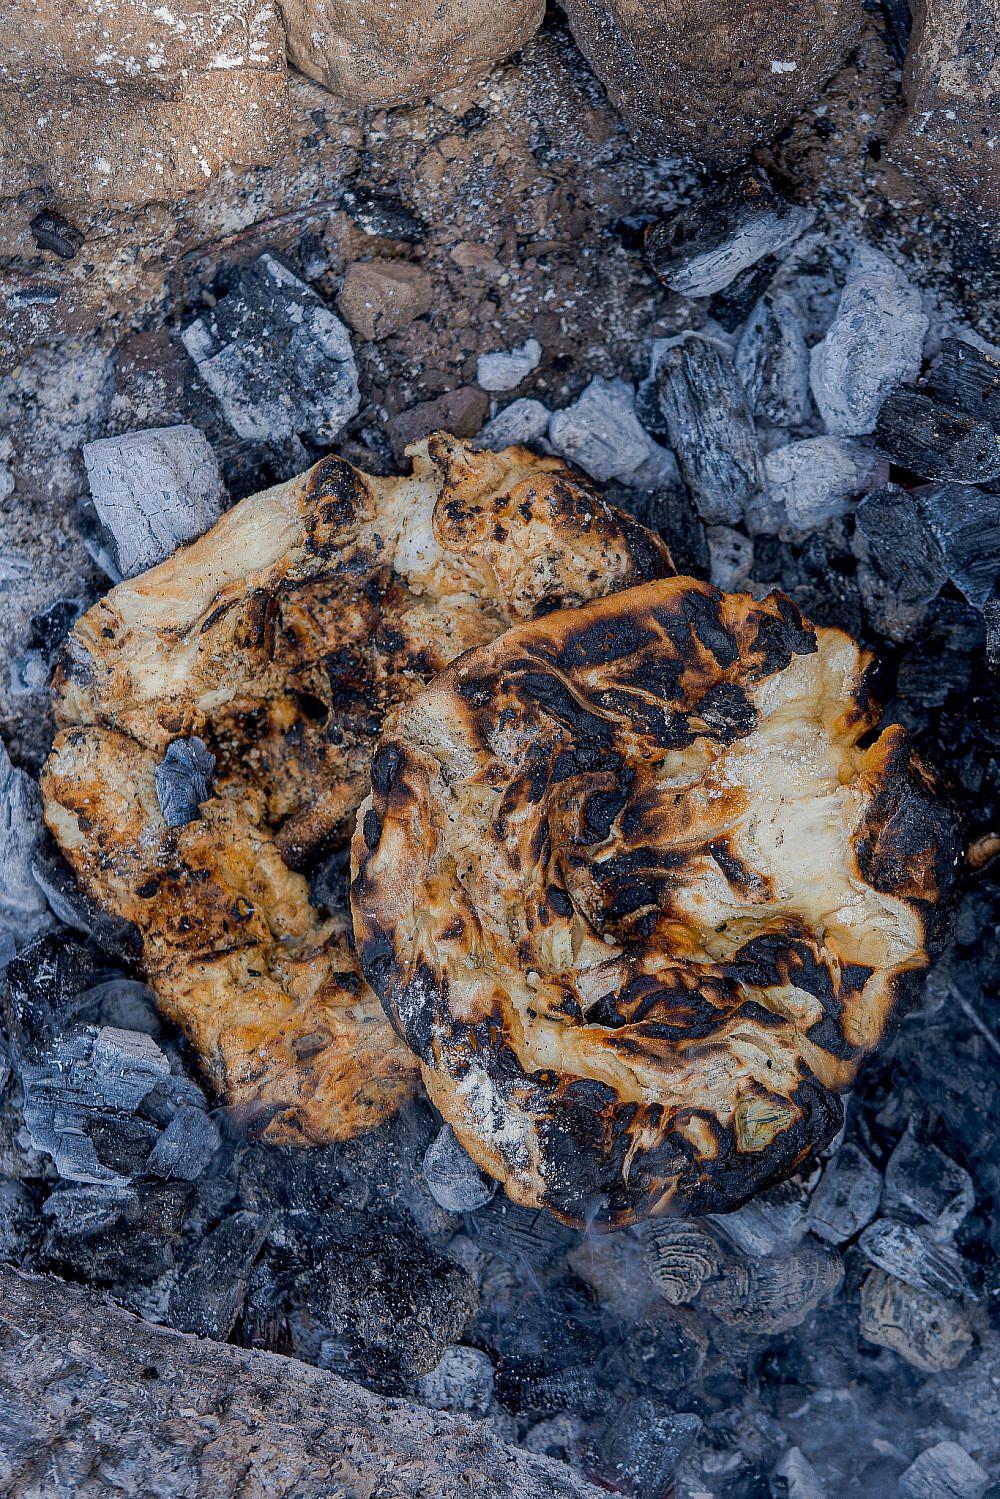 האש היא תבלין מושלםליבה – לחם שטח בדואי אפוי בגחלים של שף אוהד לוי | צילום: מידן גיל ארוש